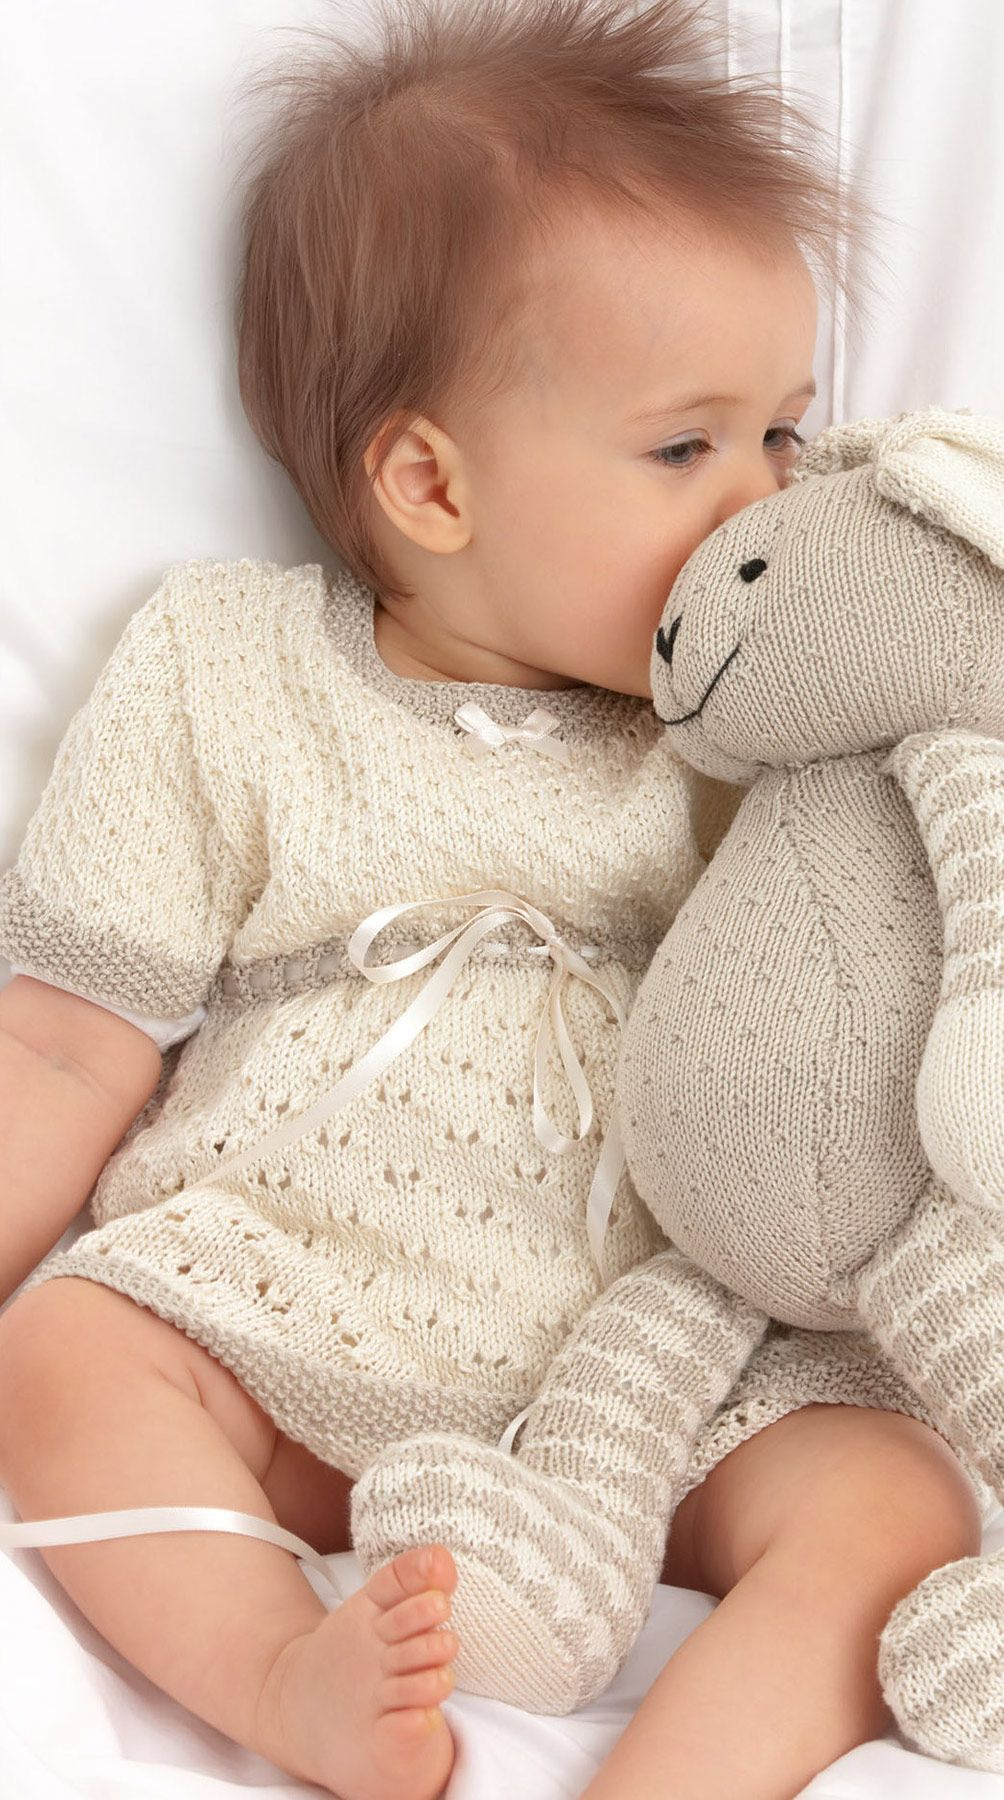 a0871f1e2faf FREE Baby Knitting Patterns